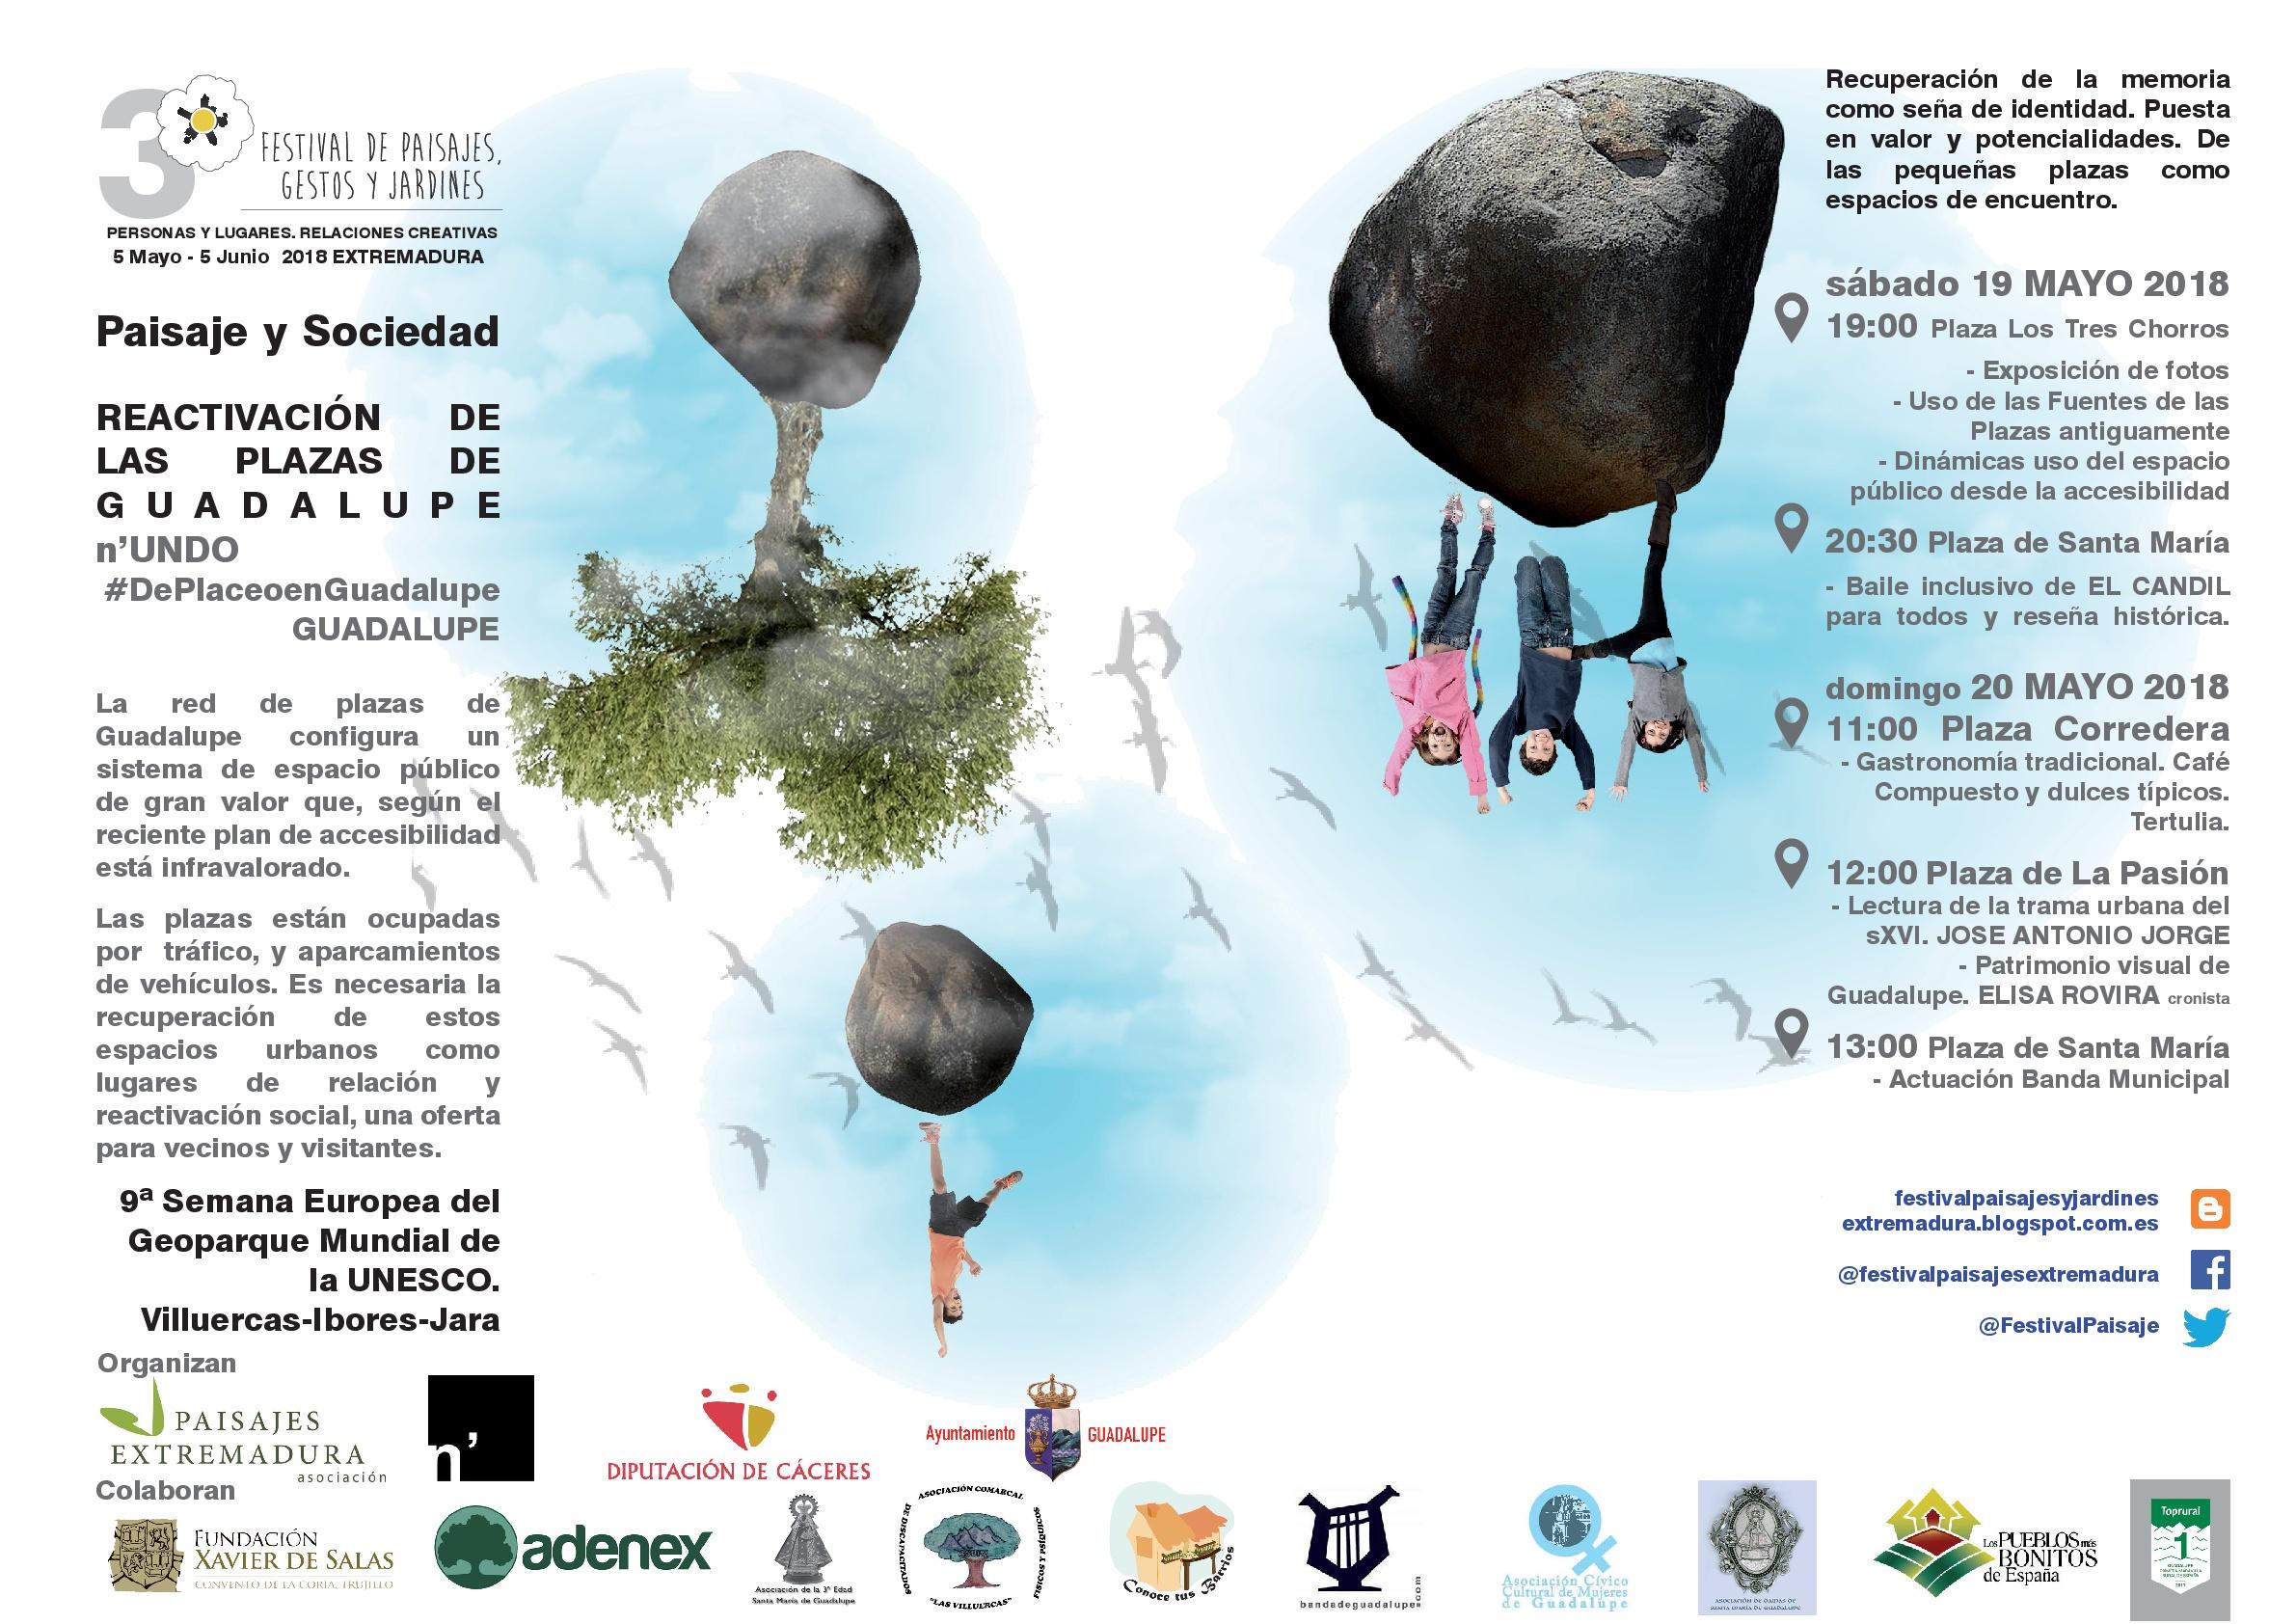 III Festival de paisajes, gestos y jardines - Guadalupe